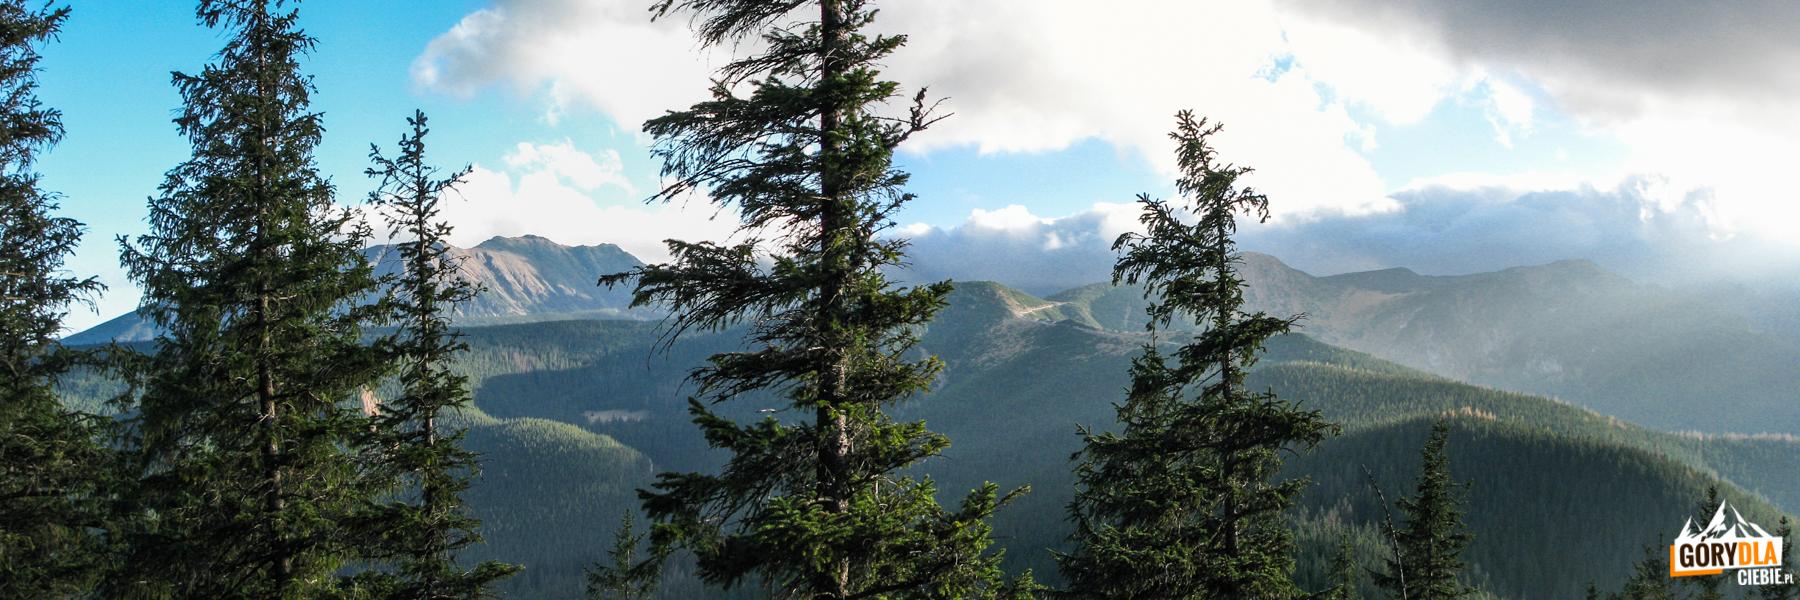 Widok z Nosala (1203 m) w kierunku Kasprowego Wierchu